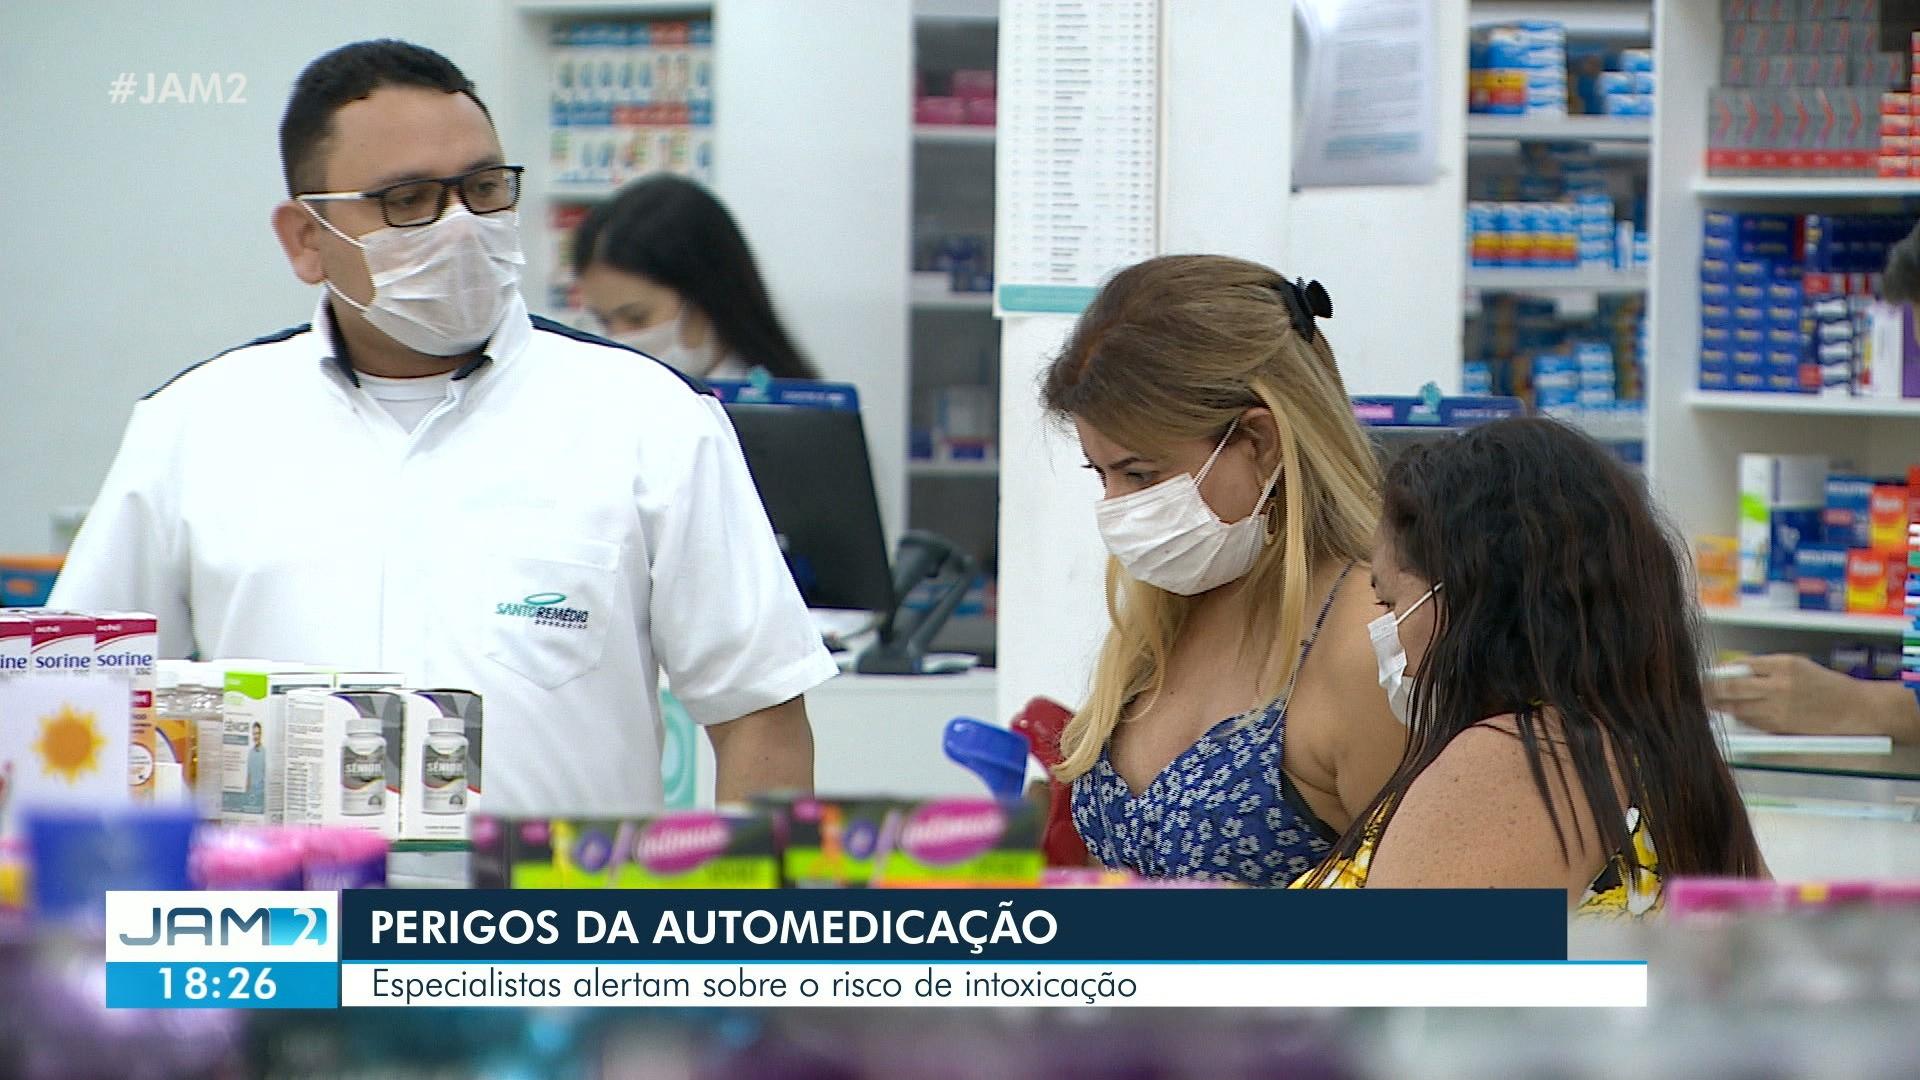 VÍDEOS: AM tem mais de 200 casos de Covid-19; veja destaques do JAM 2 desta quinta-feira (2)